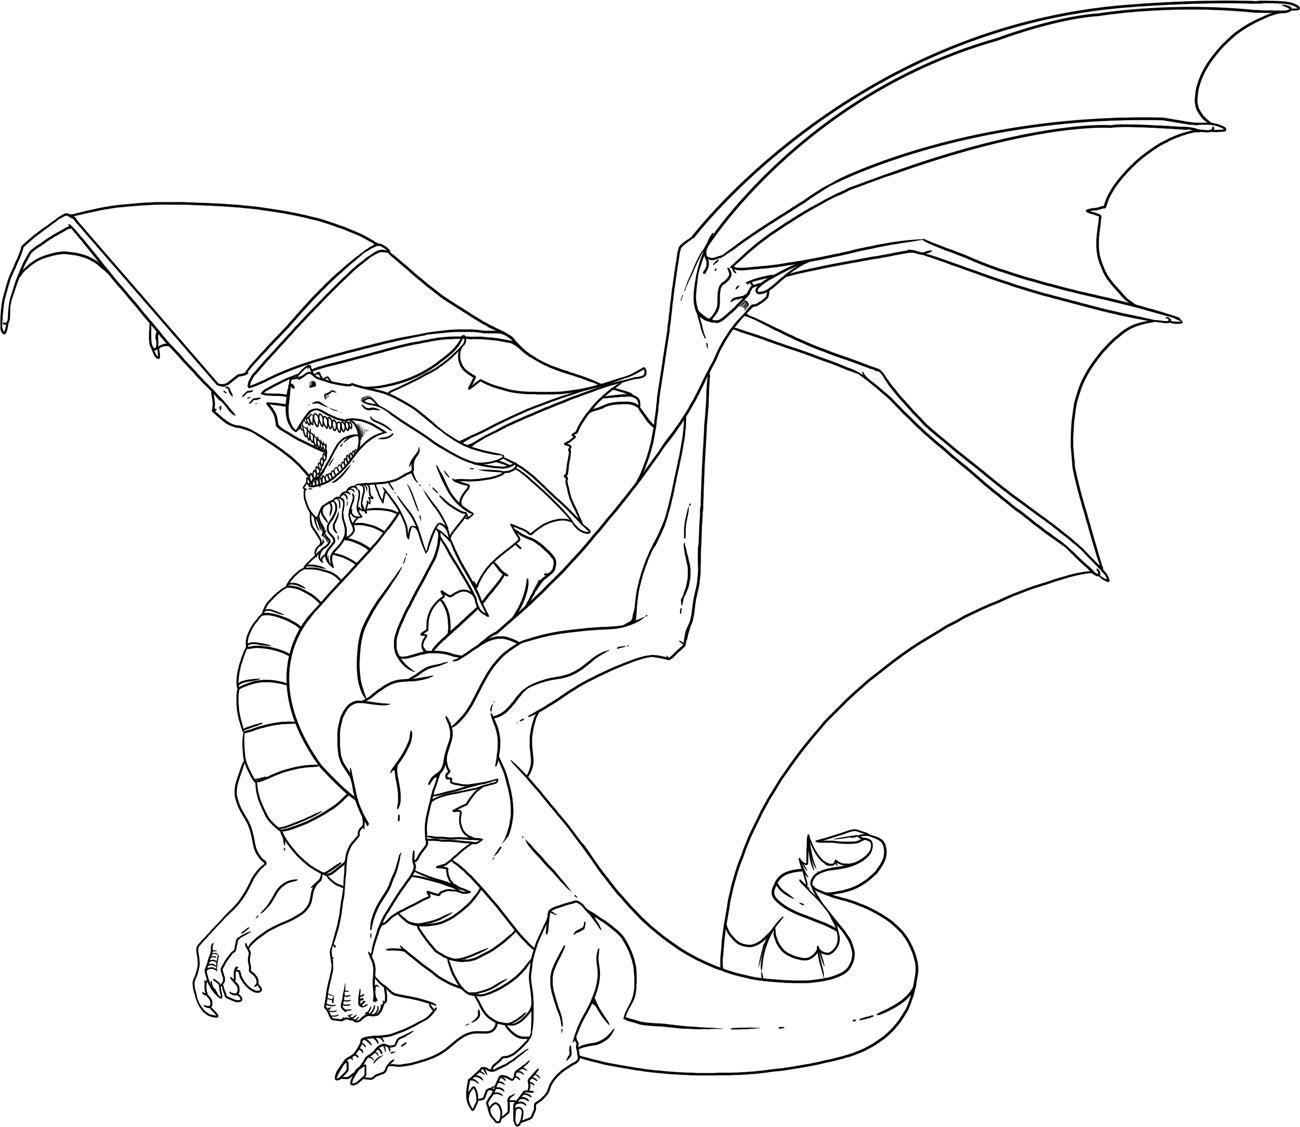 Tranh tô màu con rồng vẫy cánh